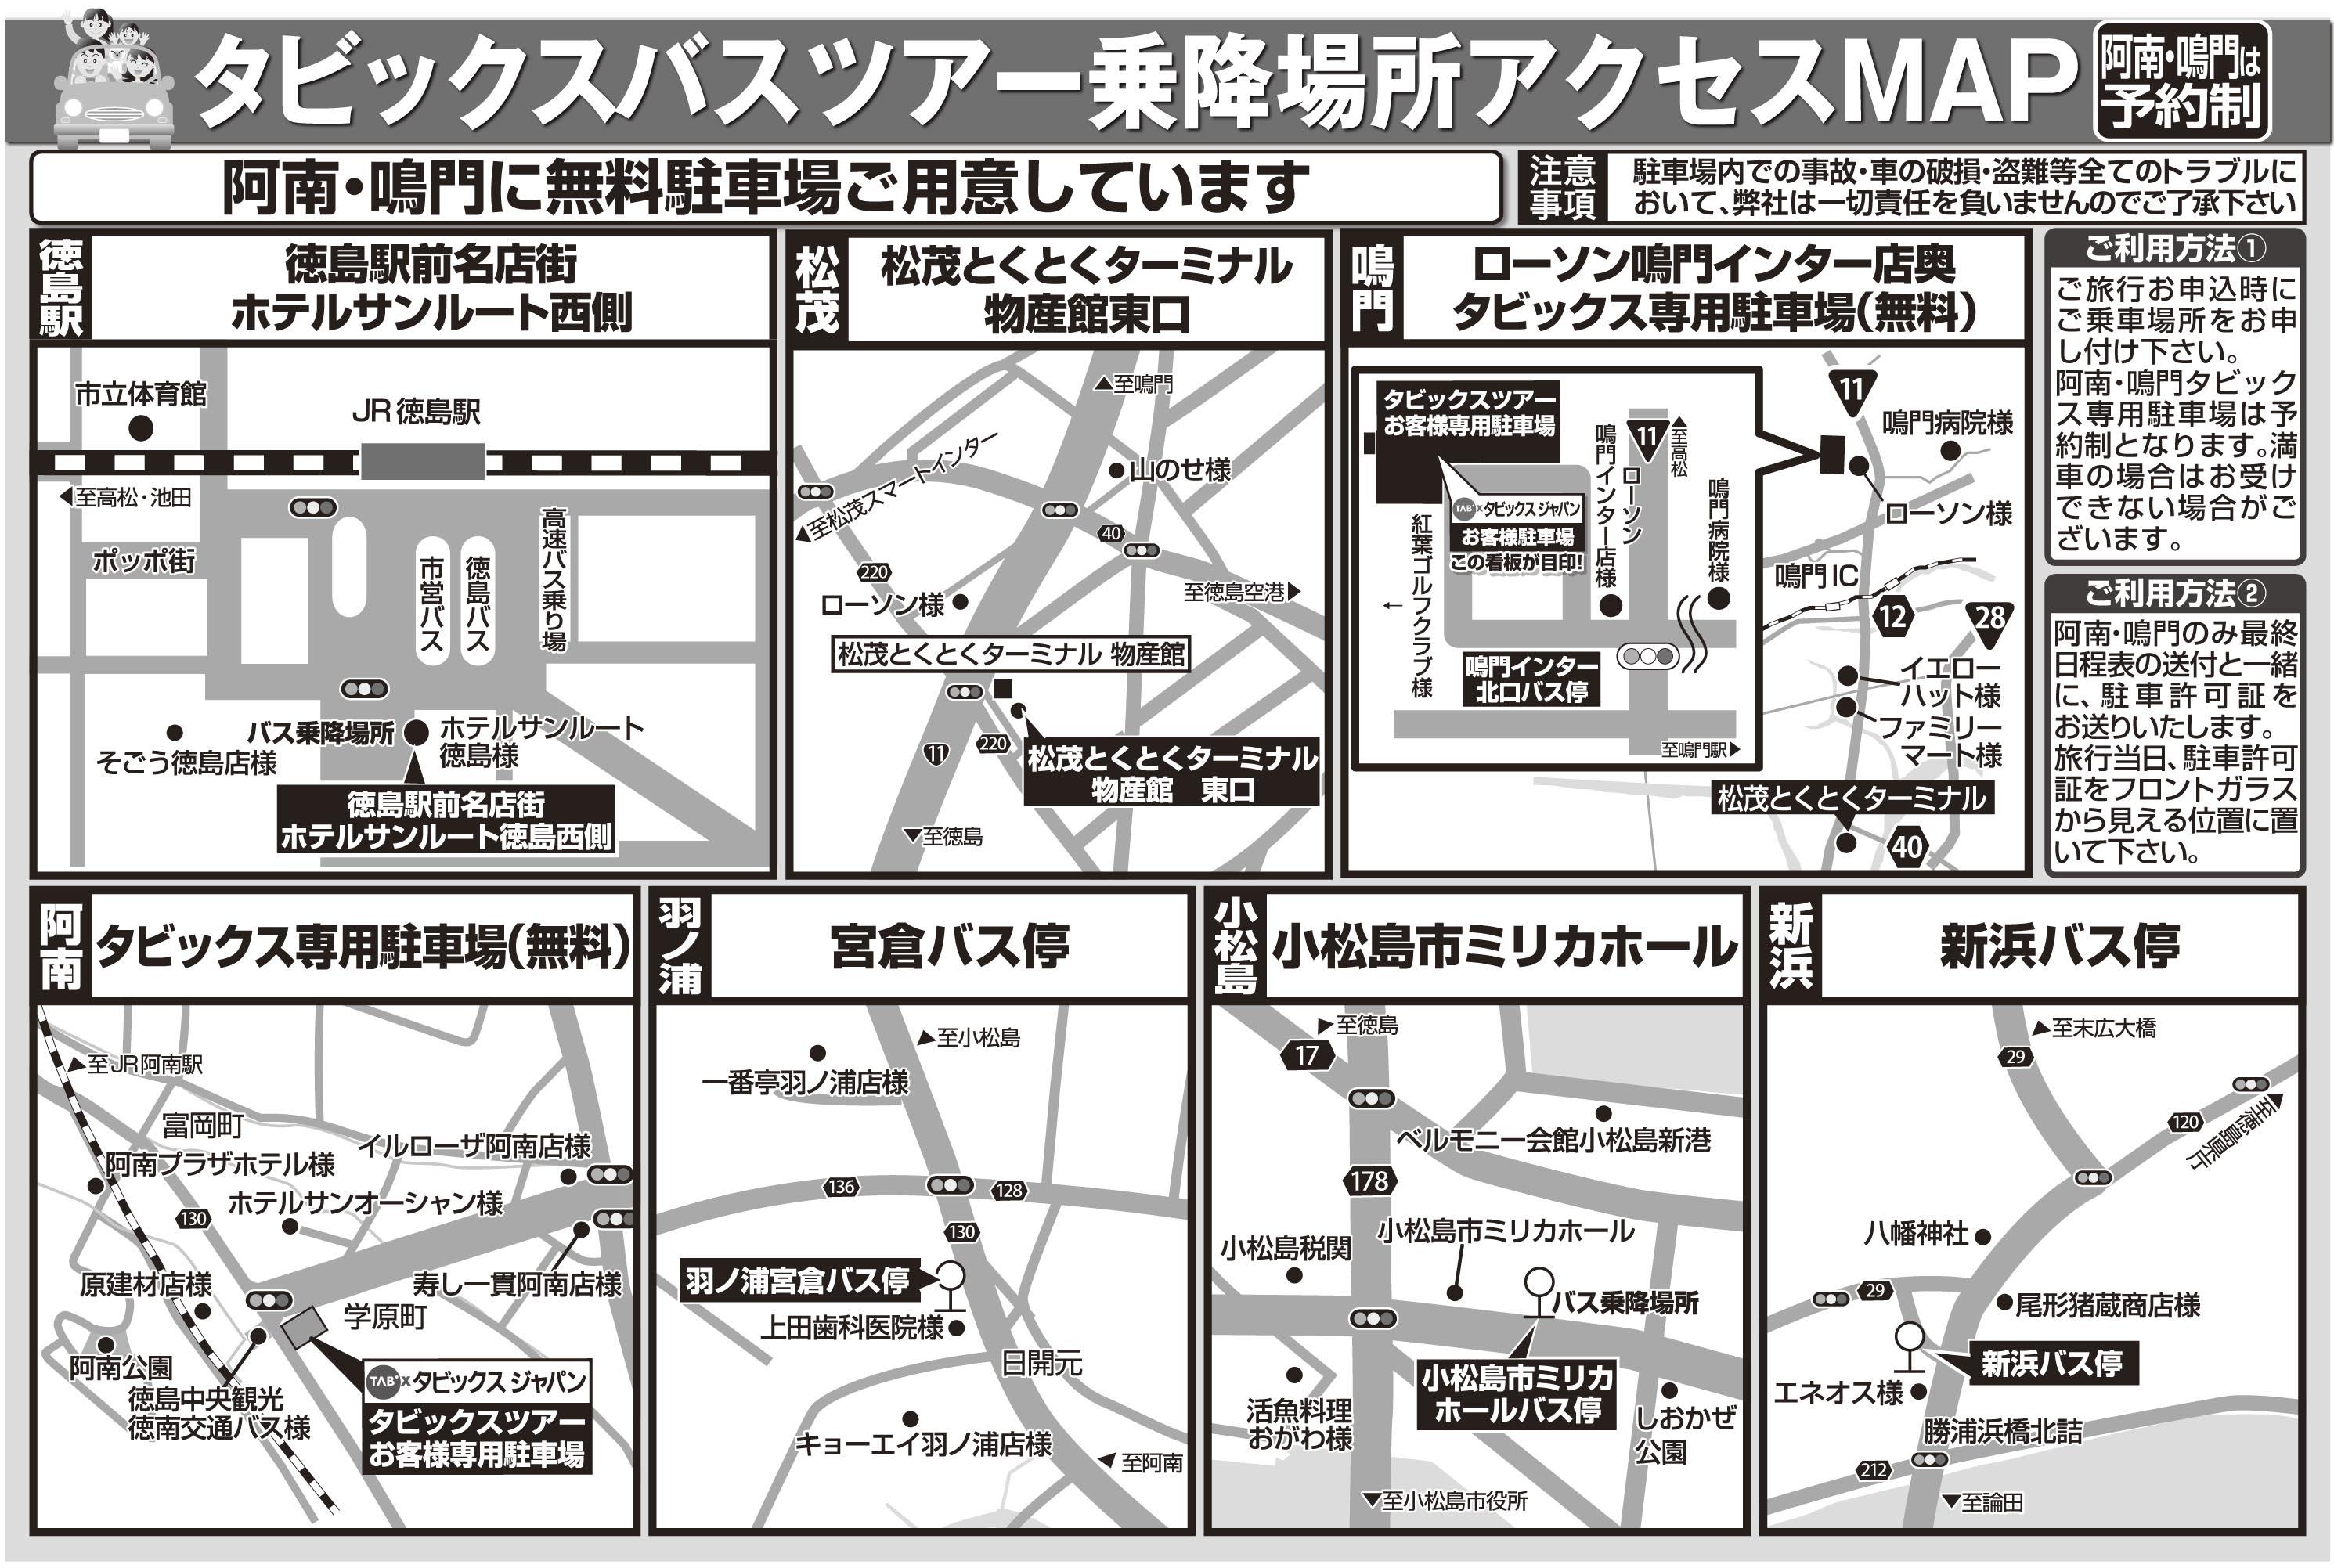 株)タビックスジャパン徳島支店 紹介ページ